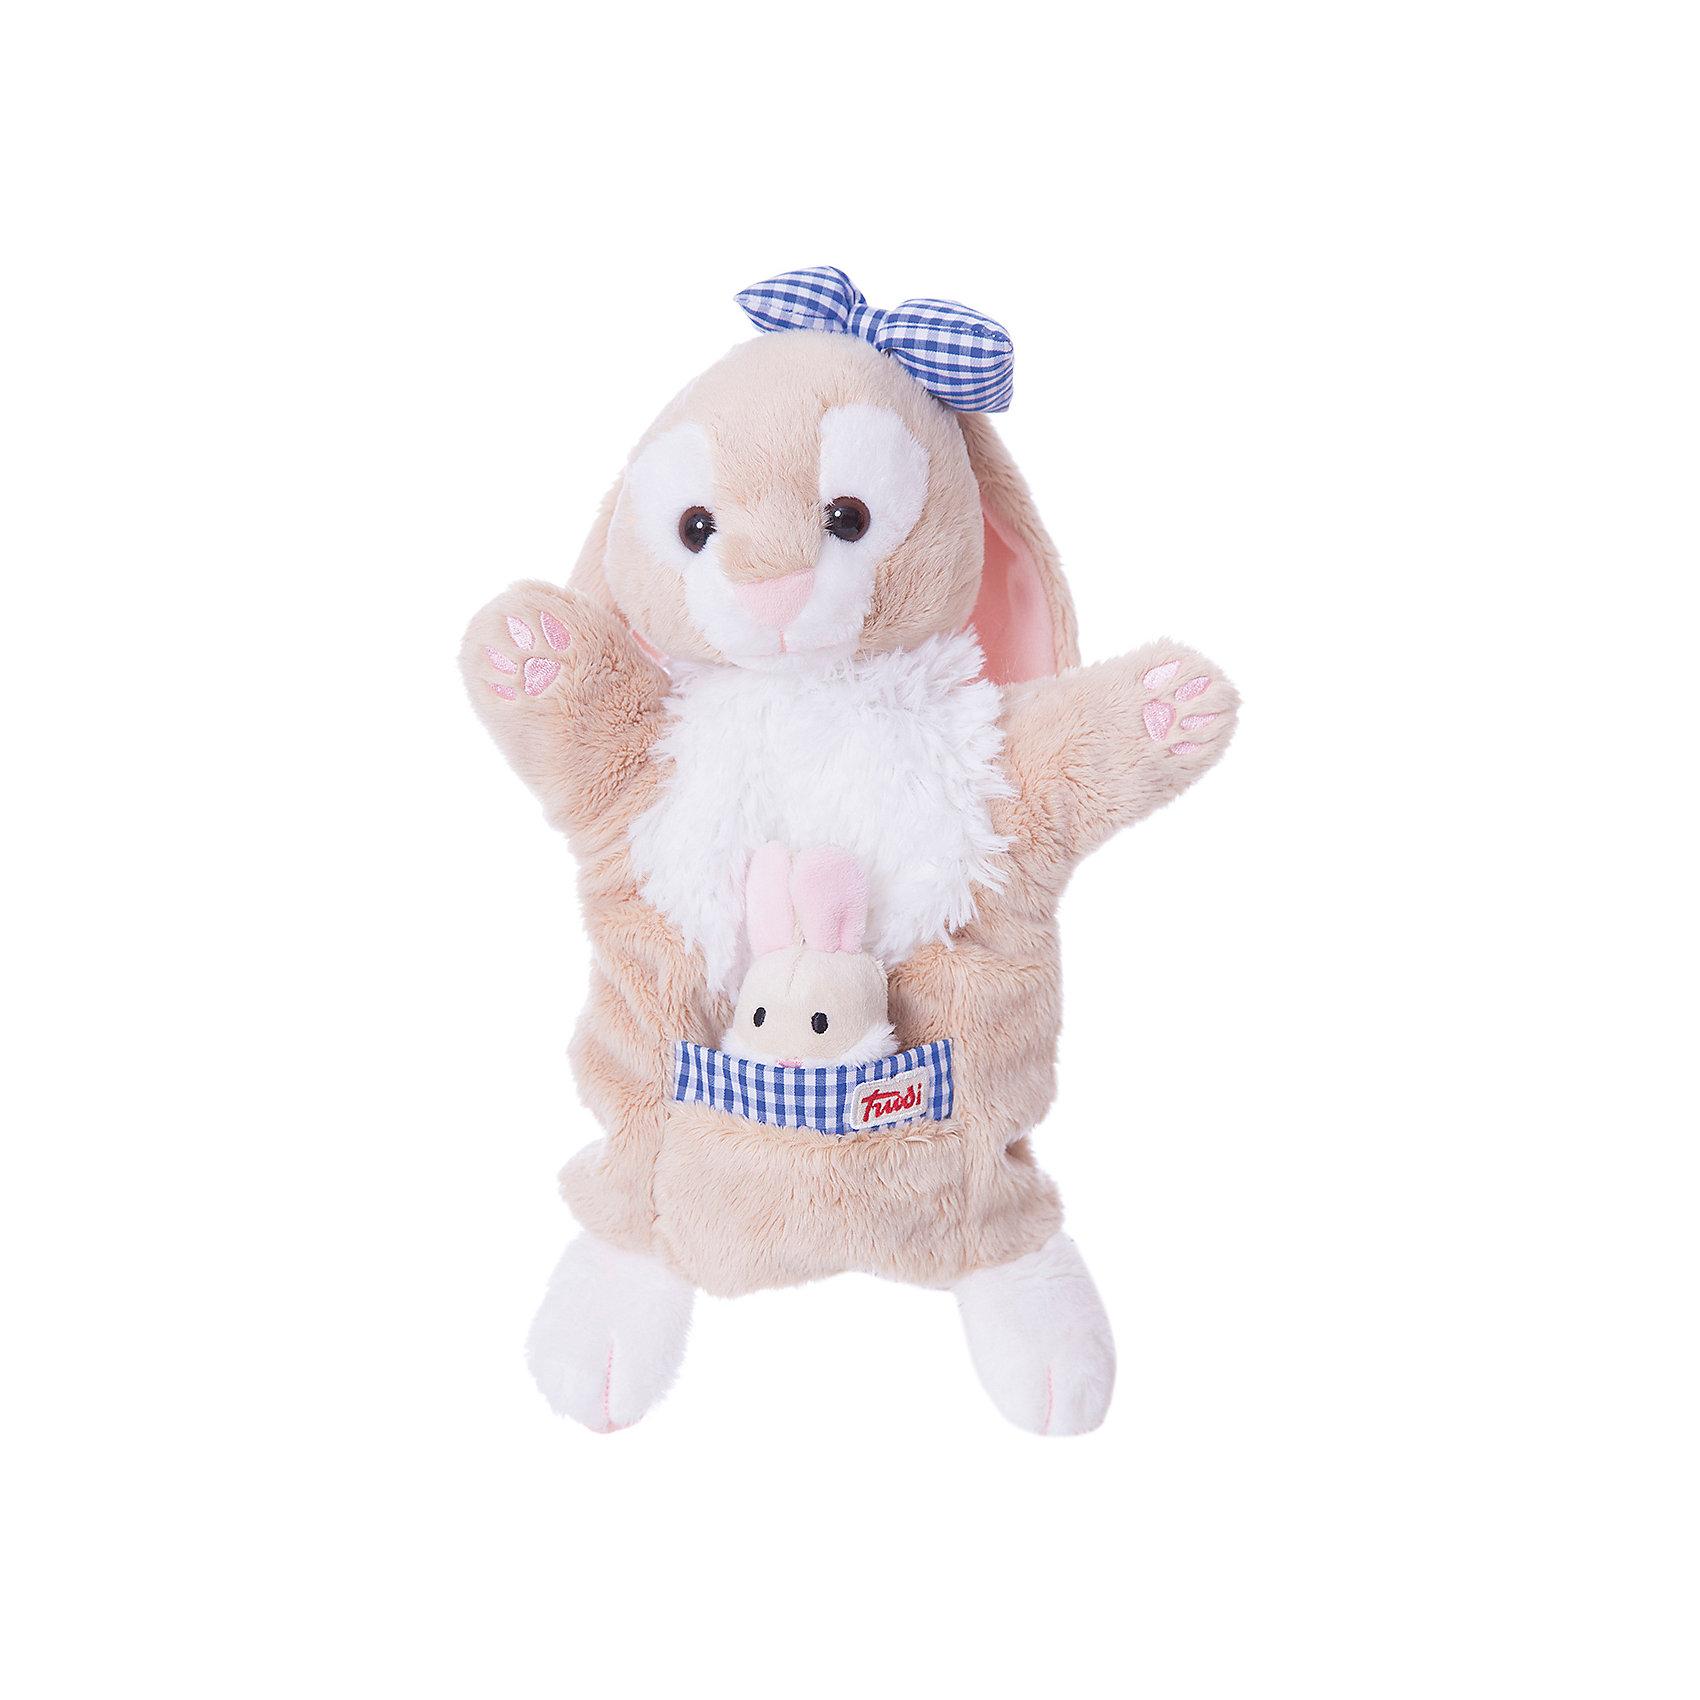 Trudi Мягкая игрушка на руку Зайчиха с зайчонком, 28 см, Trudi мягкие игрушки trudi лайка маркус 34 см